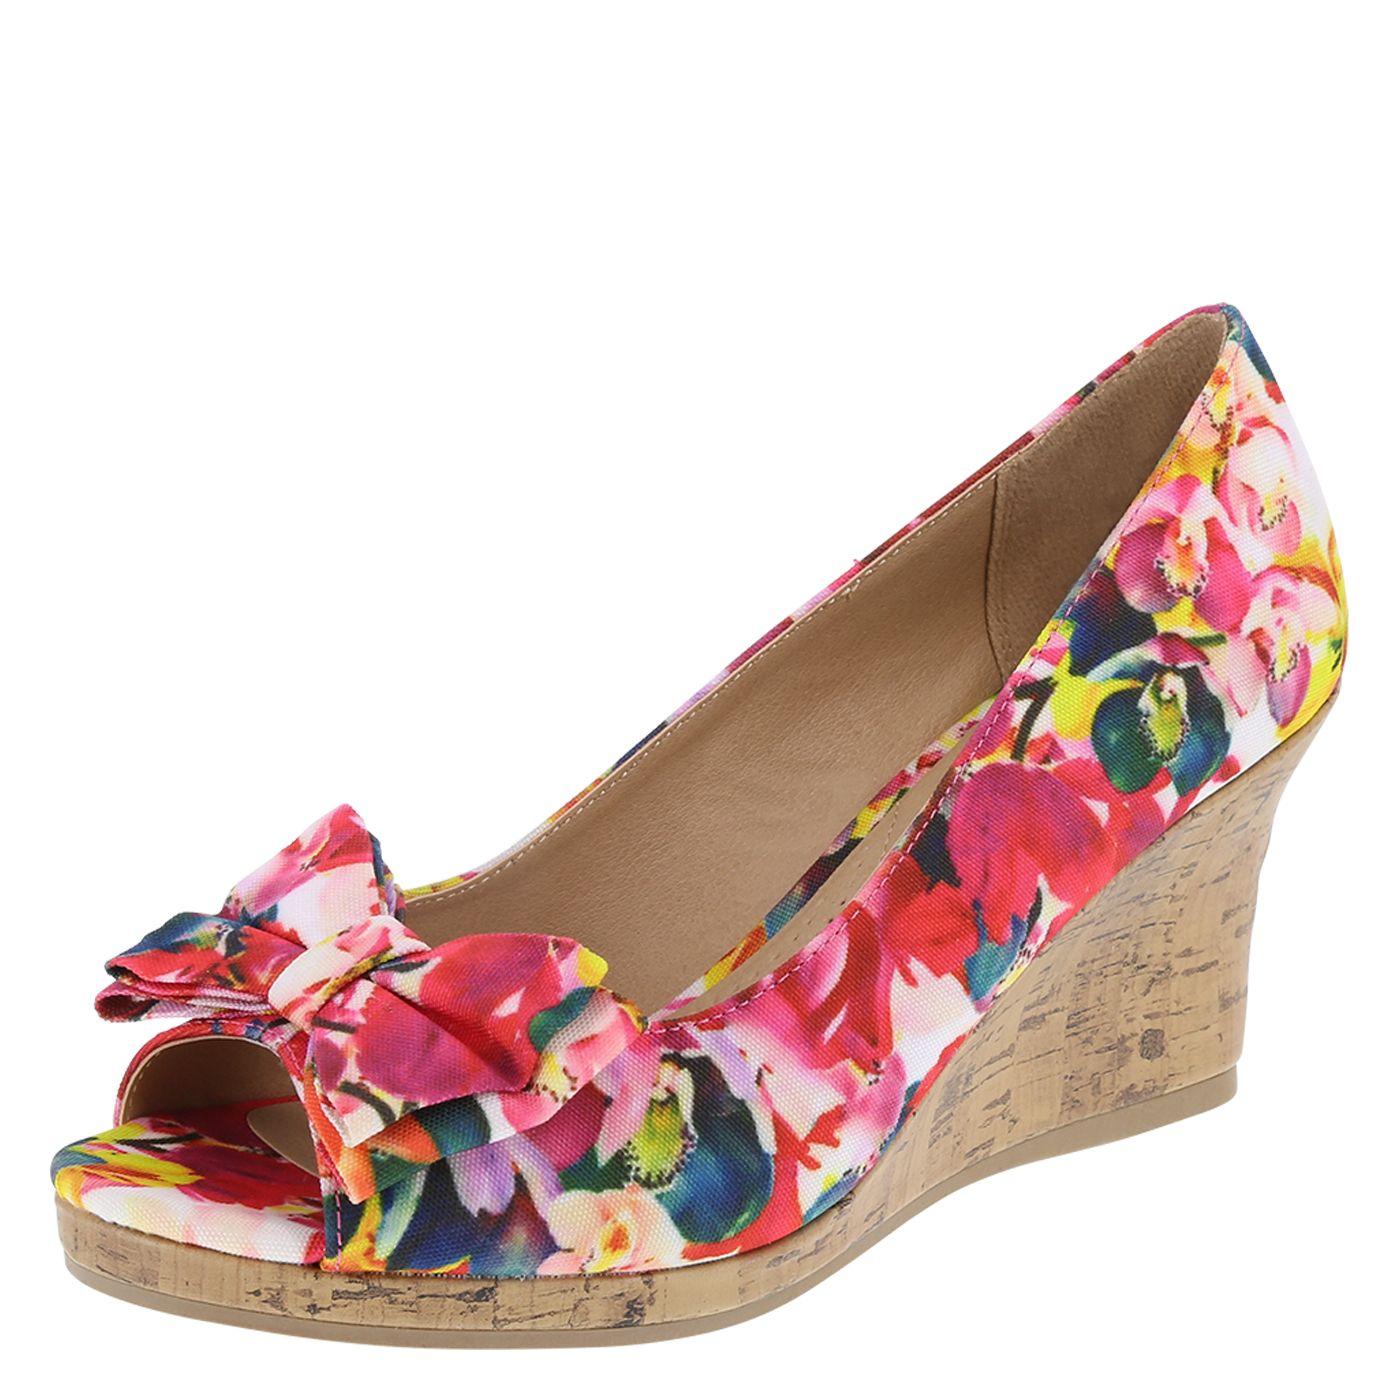 966066e0e7 dexFlex Comfort Cate Women's Bow Wedge Heel   Payless   Pretty ...